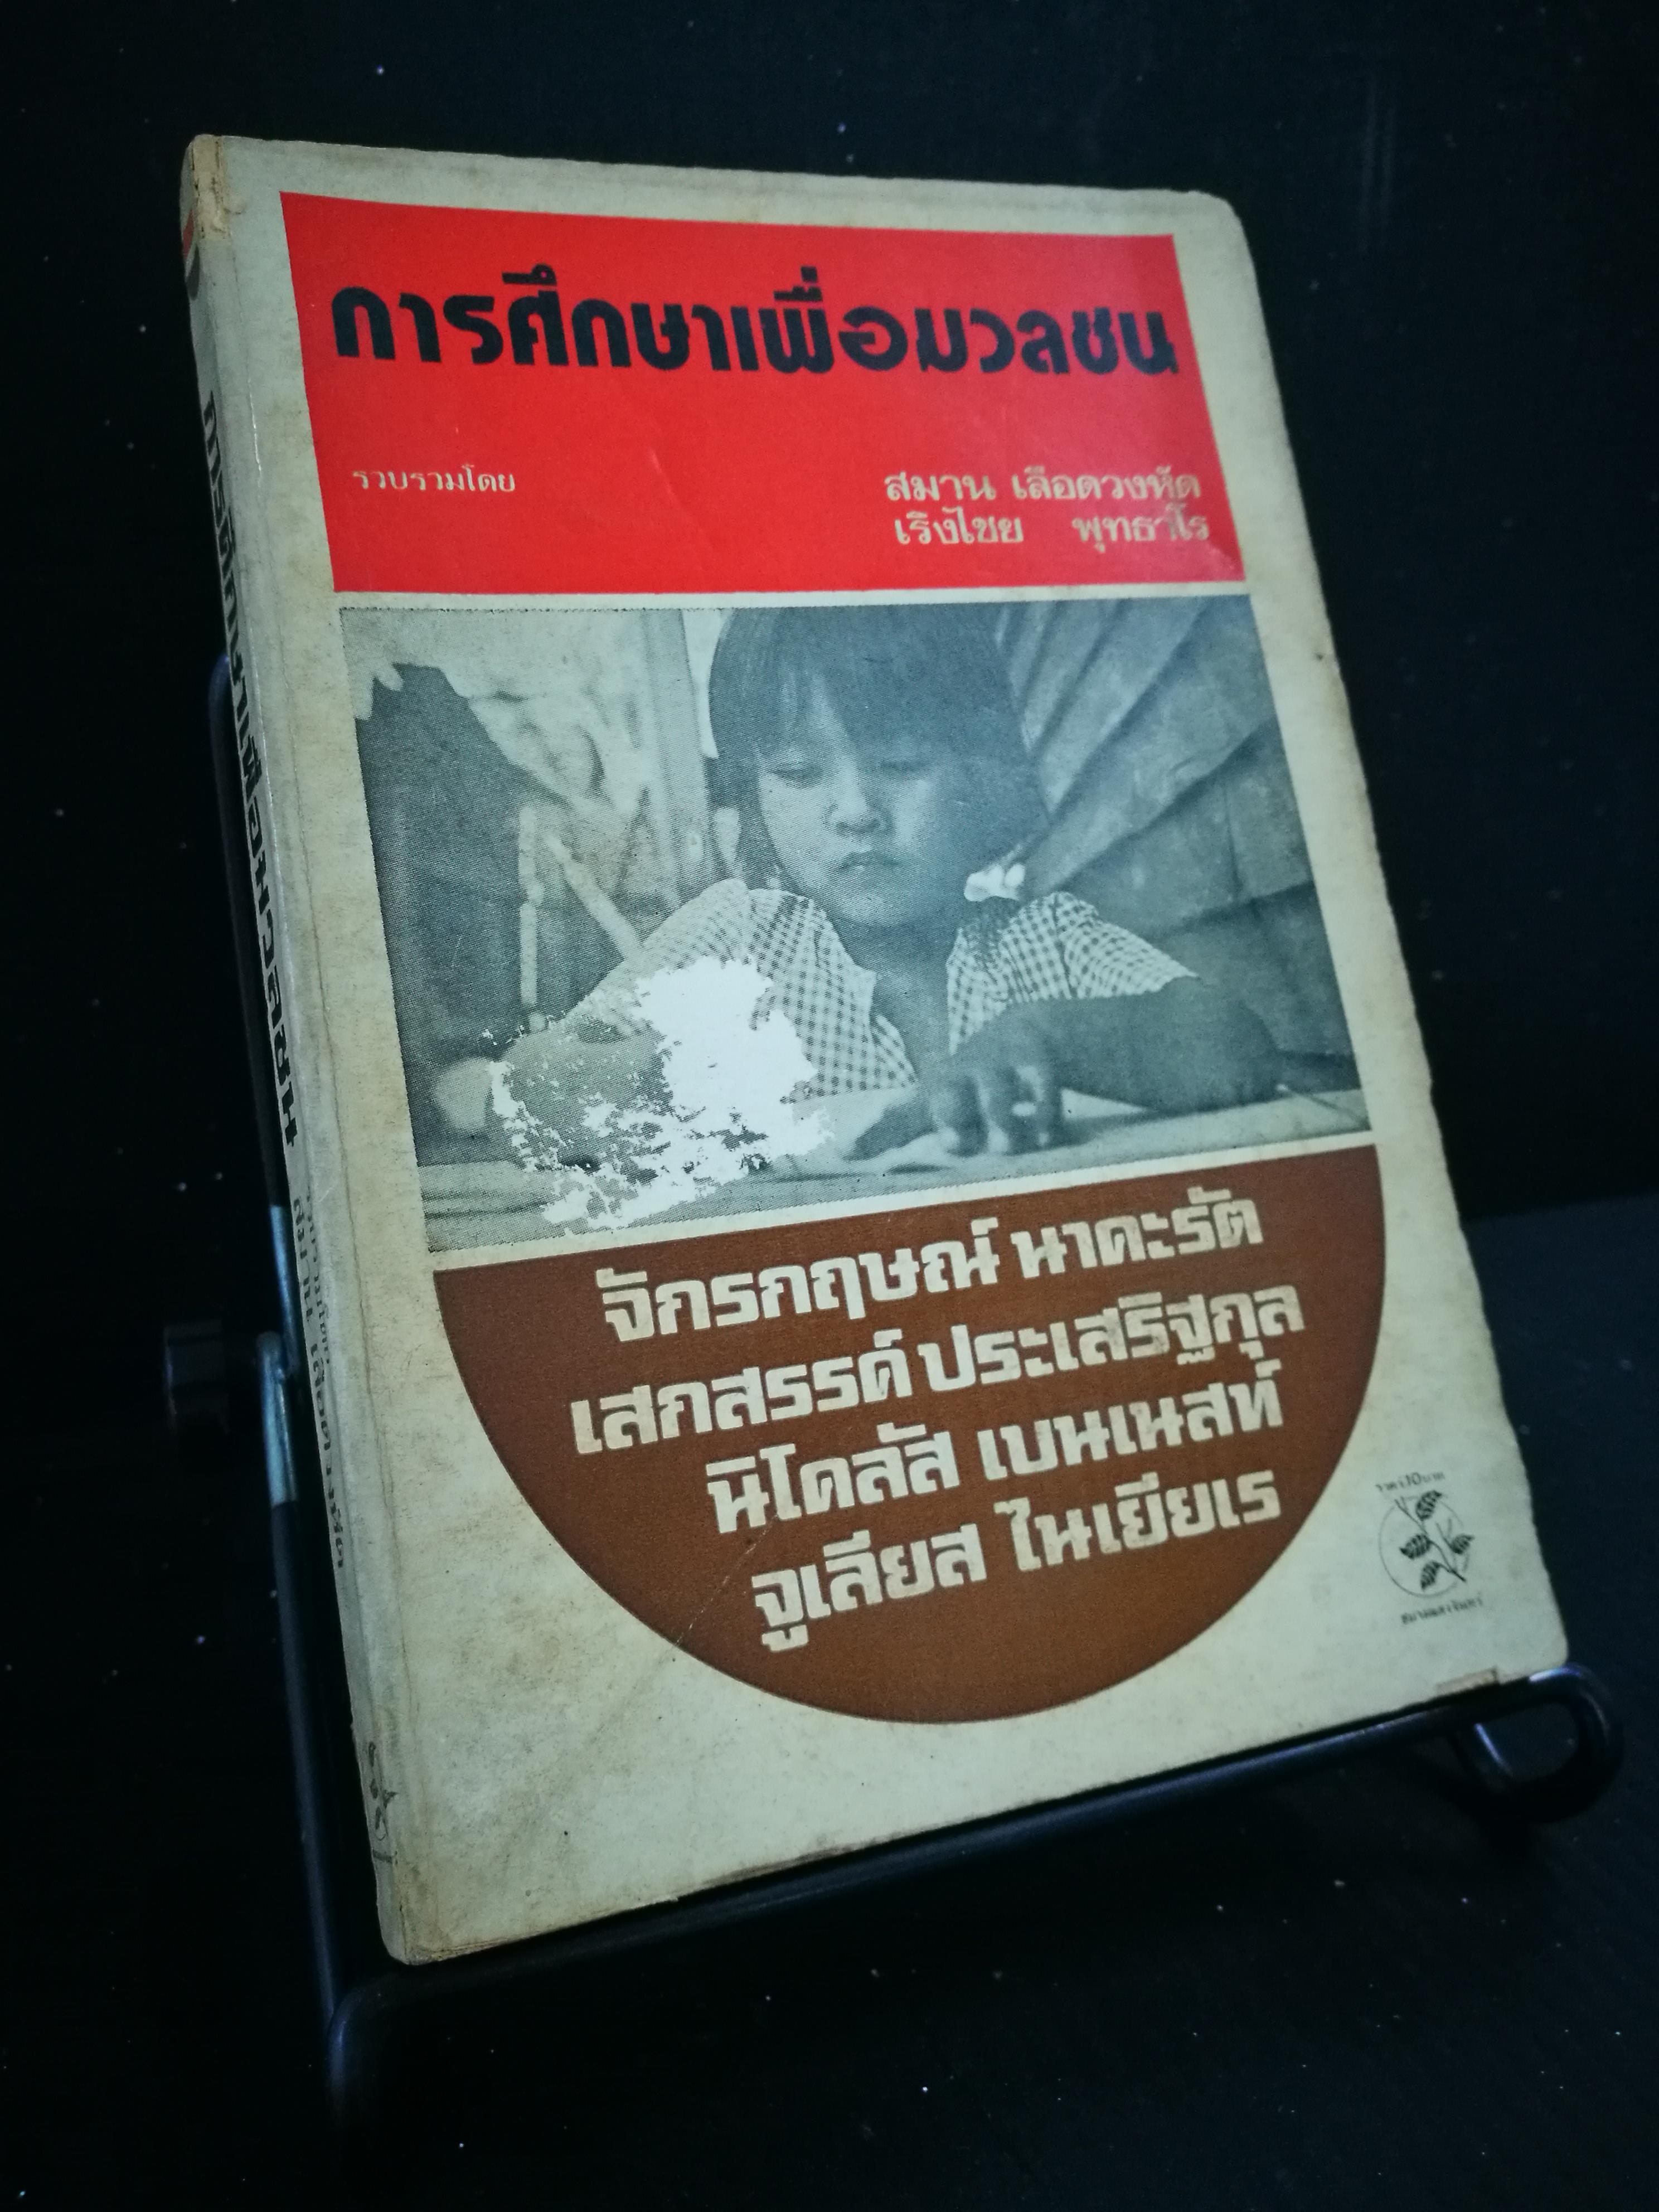 การศึกษาเพื่อมวลชน - หนังสือต้องห้าม